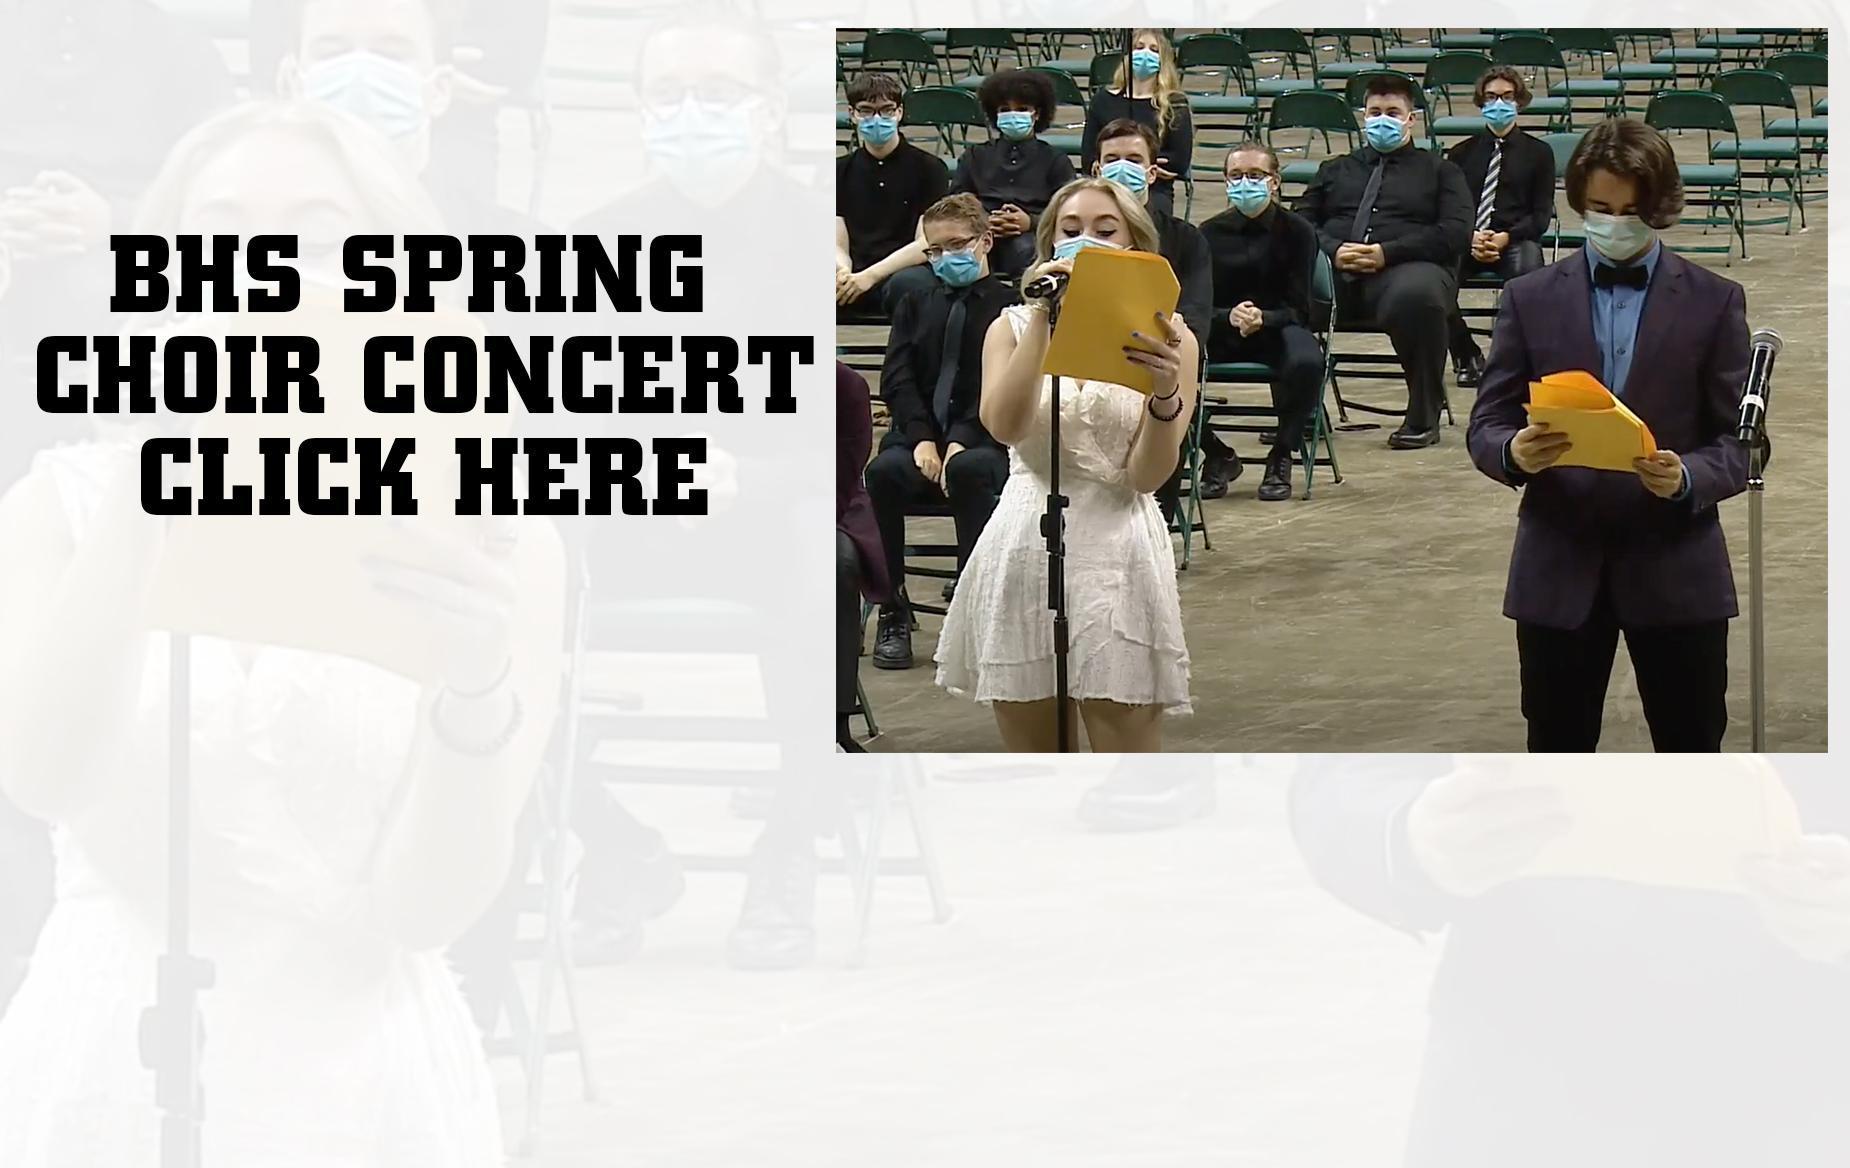 BHS Spring Choir Concert